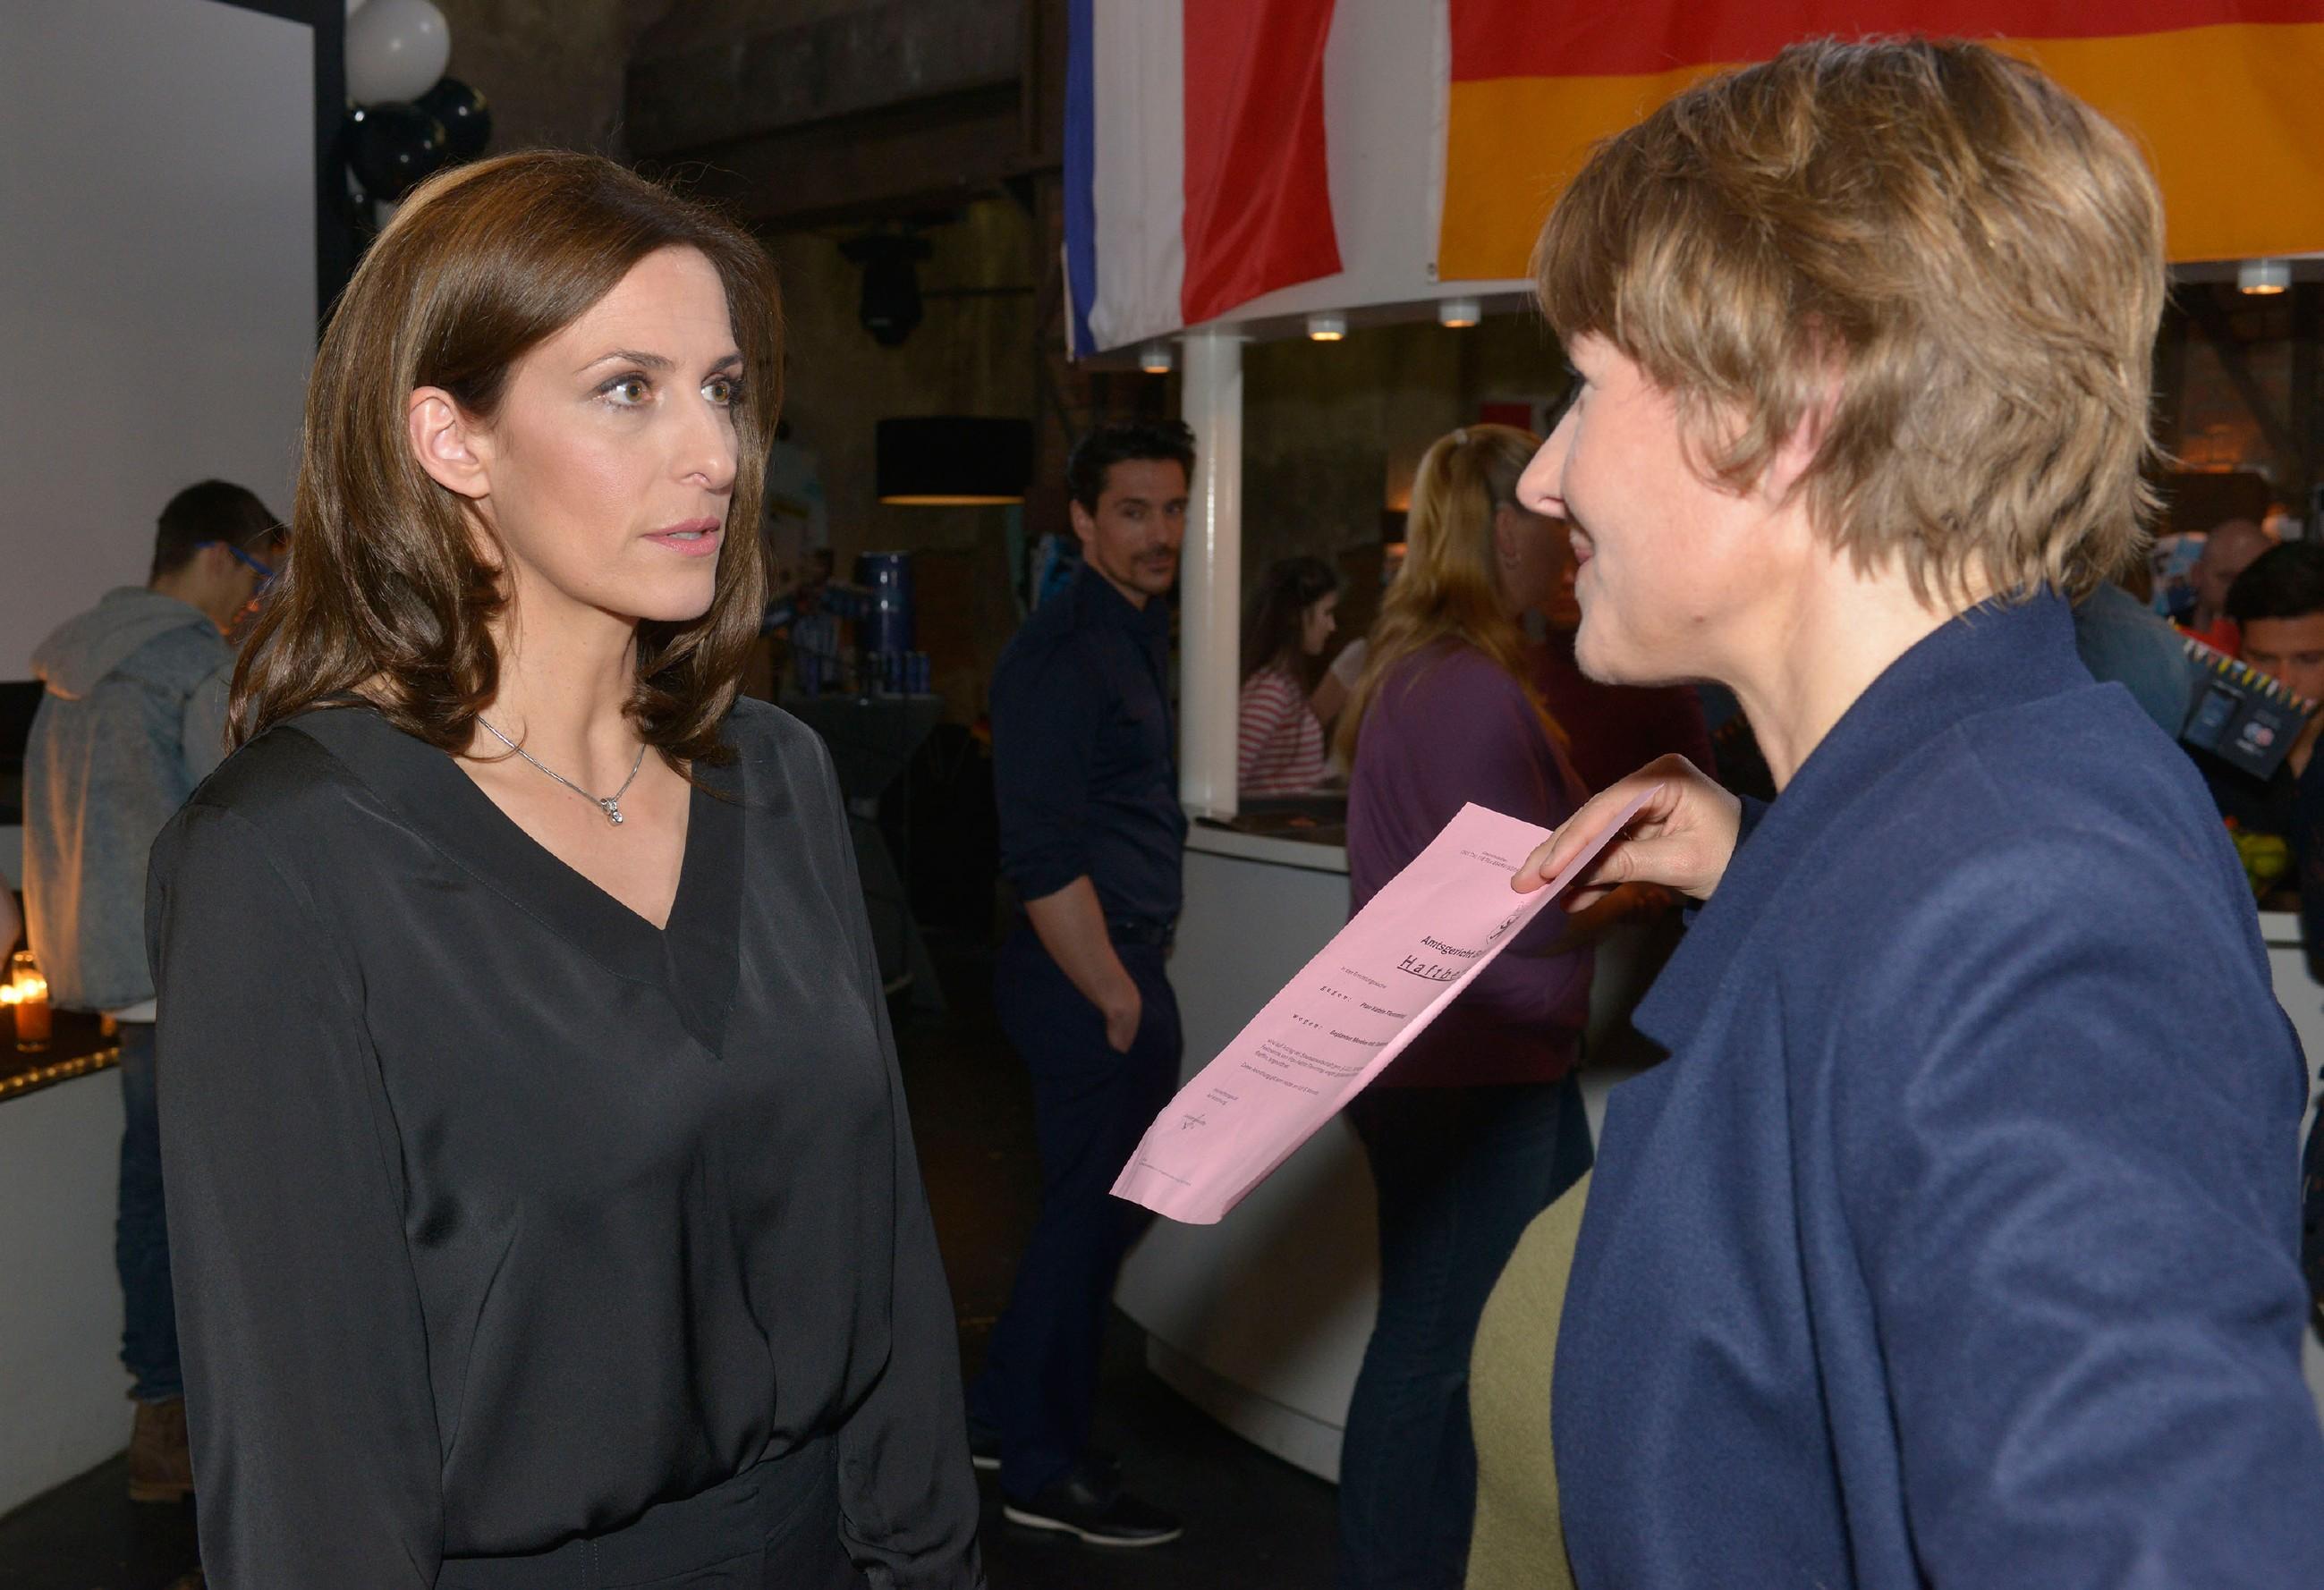 Als sich der Verdacht, dass Katrin (Ulrike Frank, l.) die Täterin ist, für Kommissarin Knappe (Meike Schlüter) erhärtet, verhaftet sie diese wegen Mordes... (Quelle: RTL / Rolf Baumgartner)